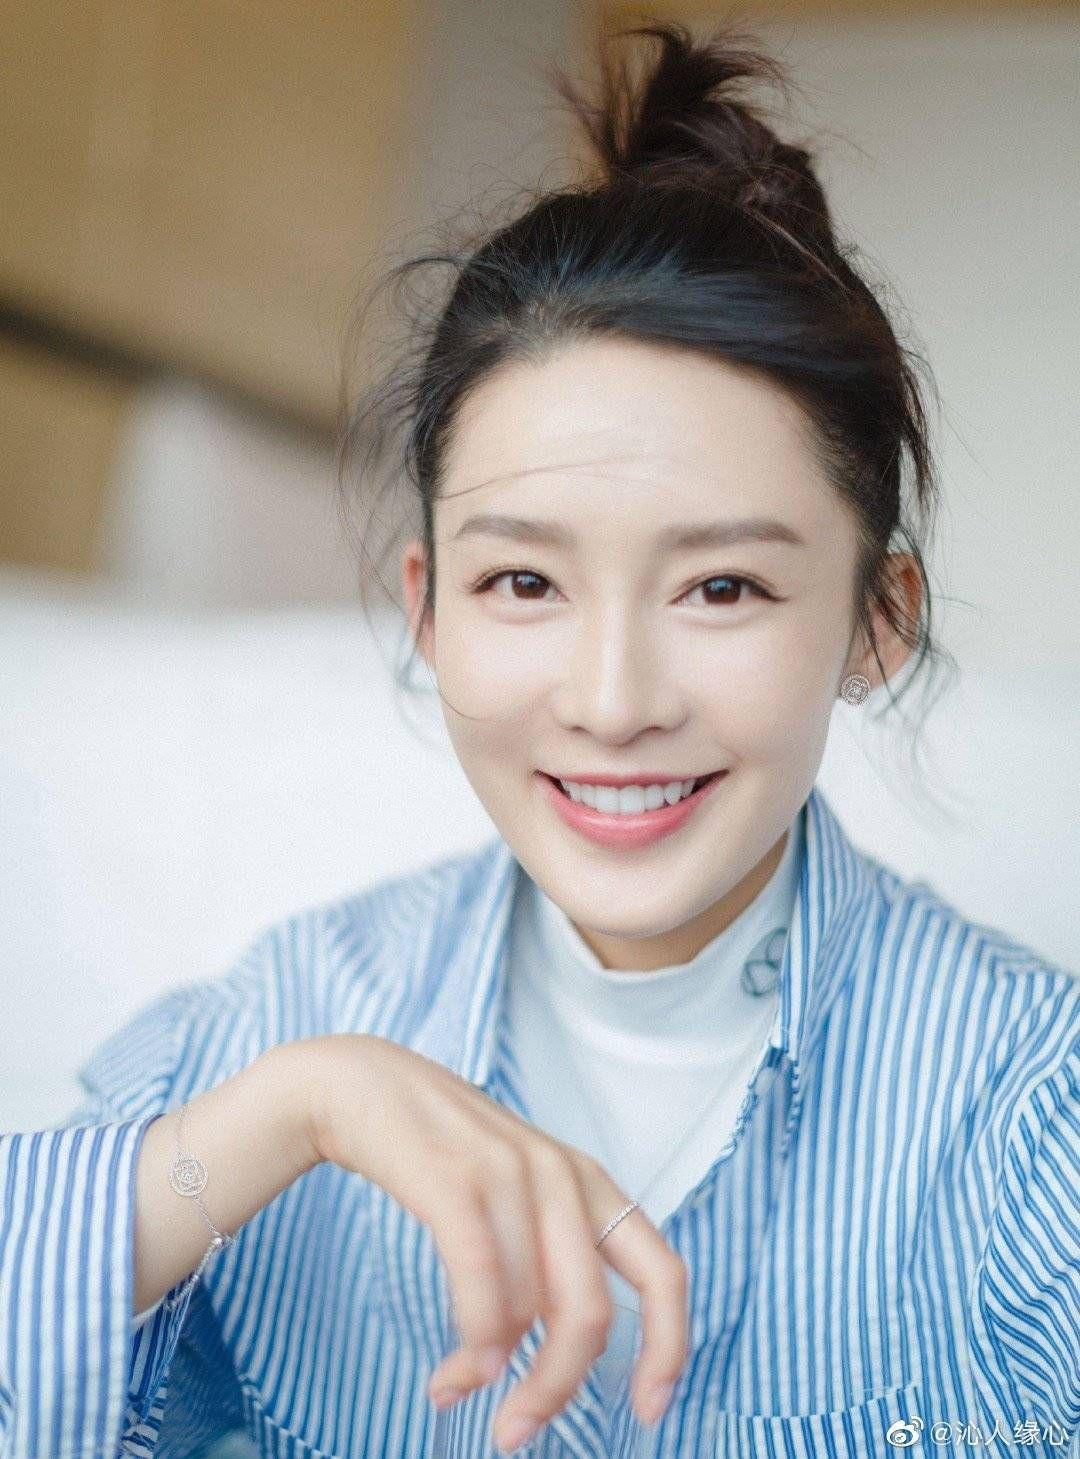 Ghim của Sk k2528 trên Li Qin(หลี่ชิน)   Nữ diễn viên